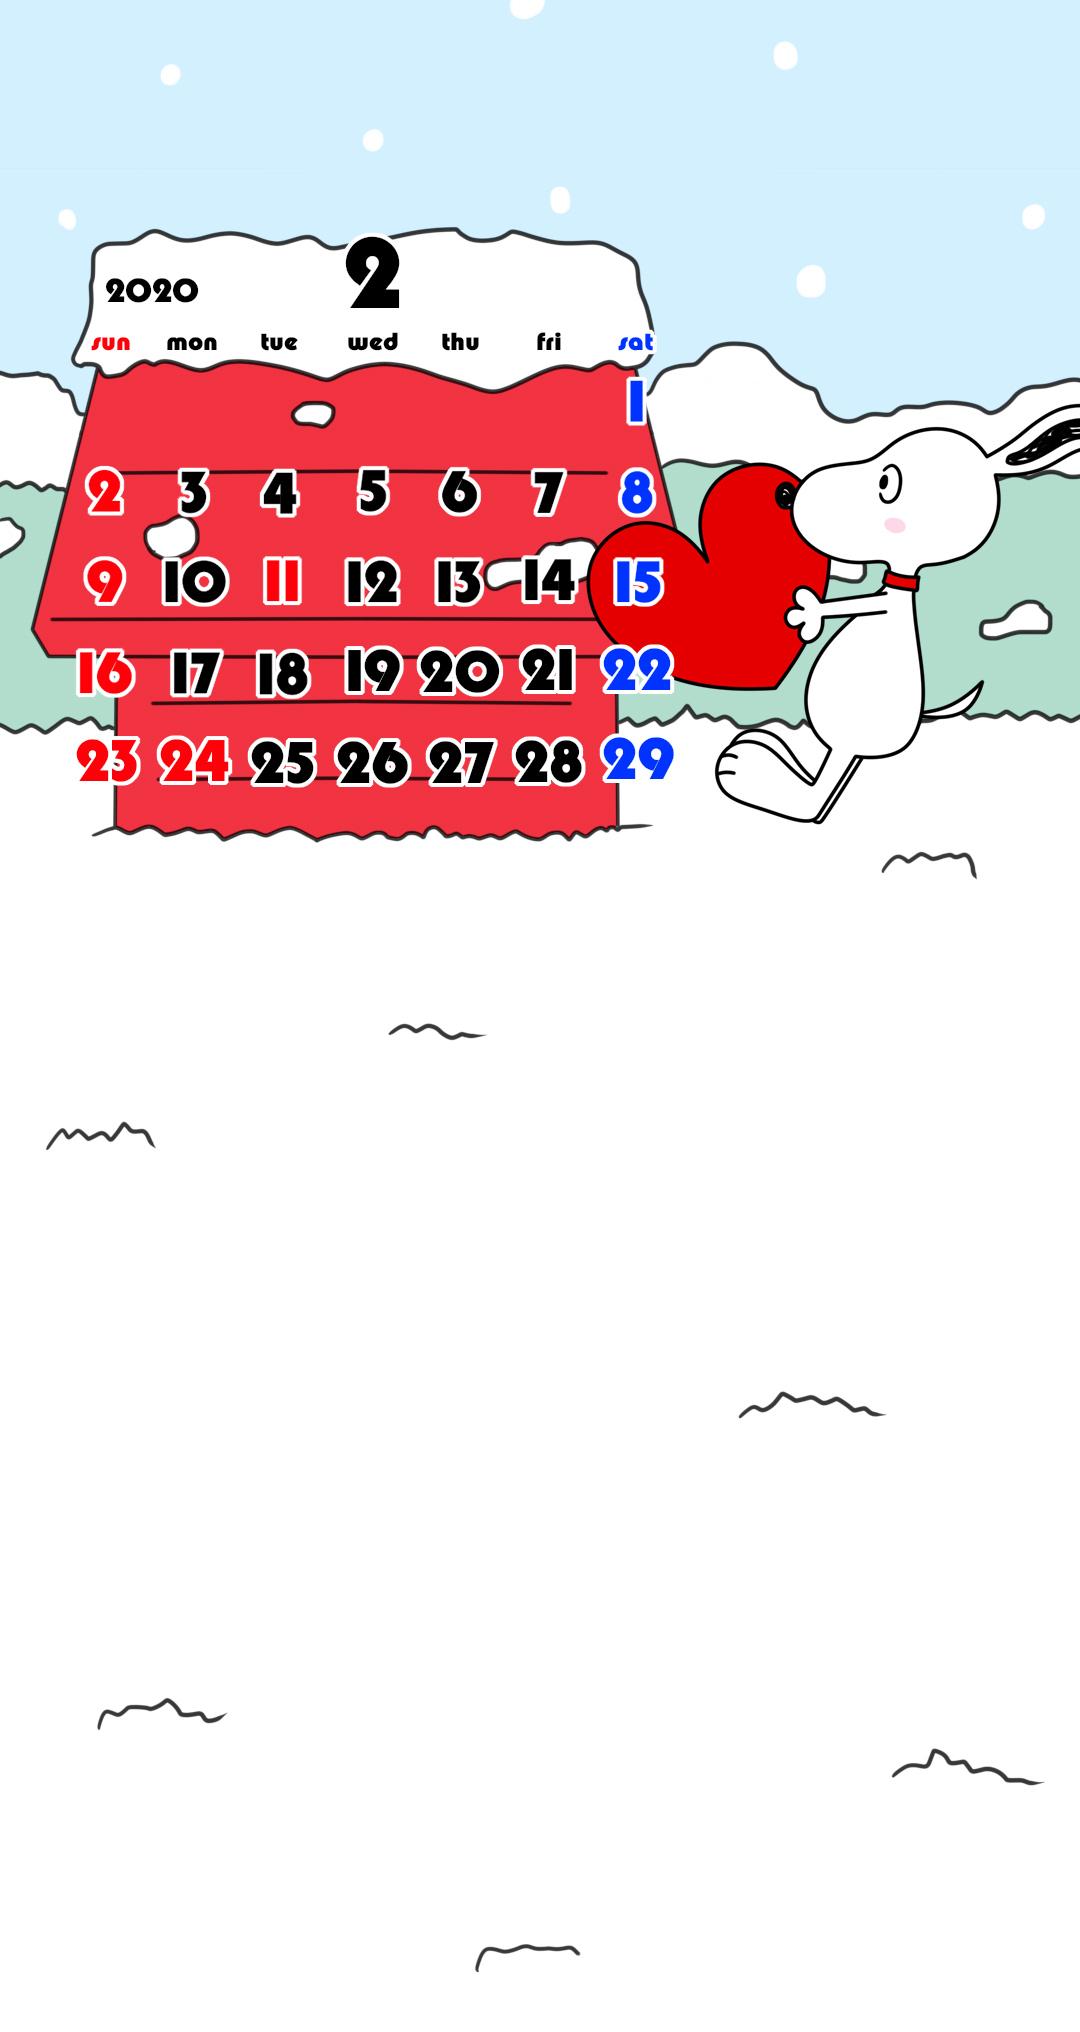 待ち受けカレンダー スマホ壁紙 スヌーピー Android用 日曜始まり 2020年2月